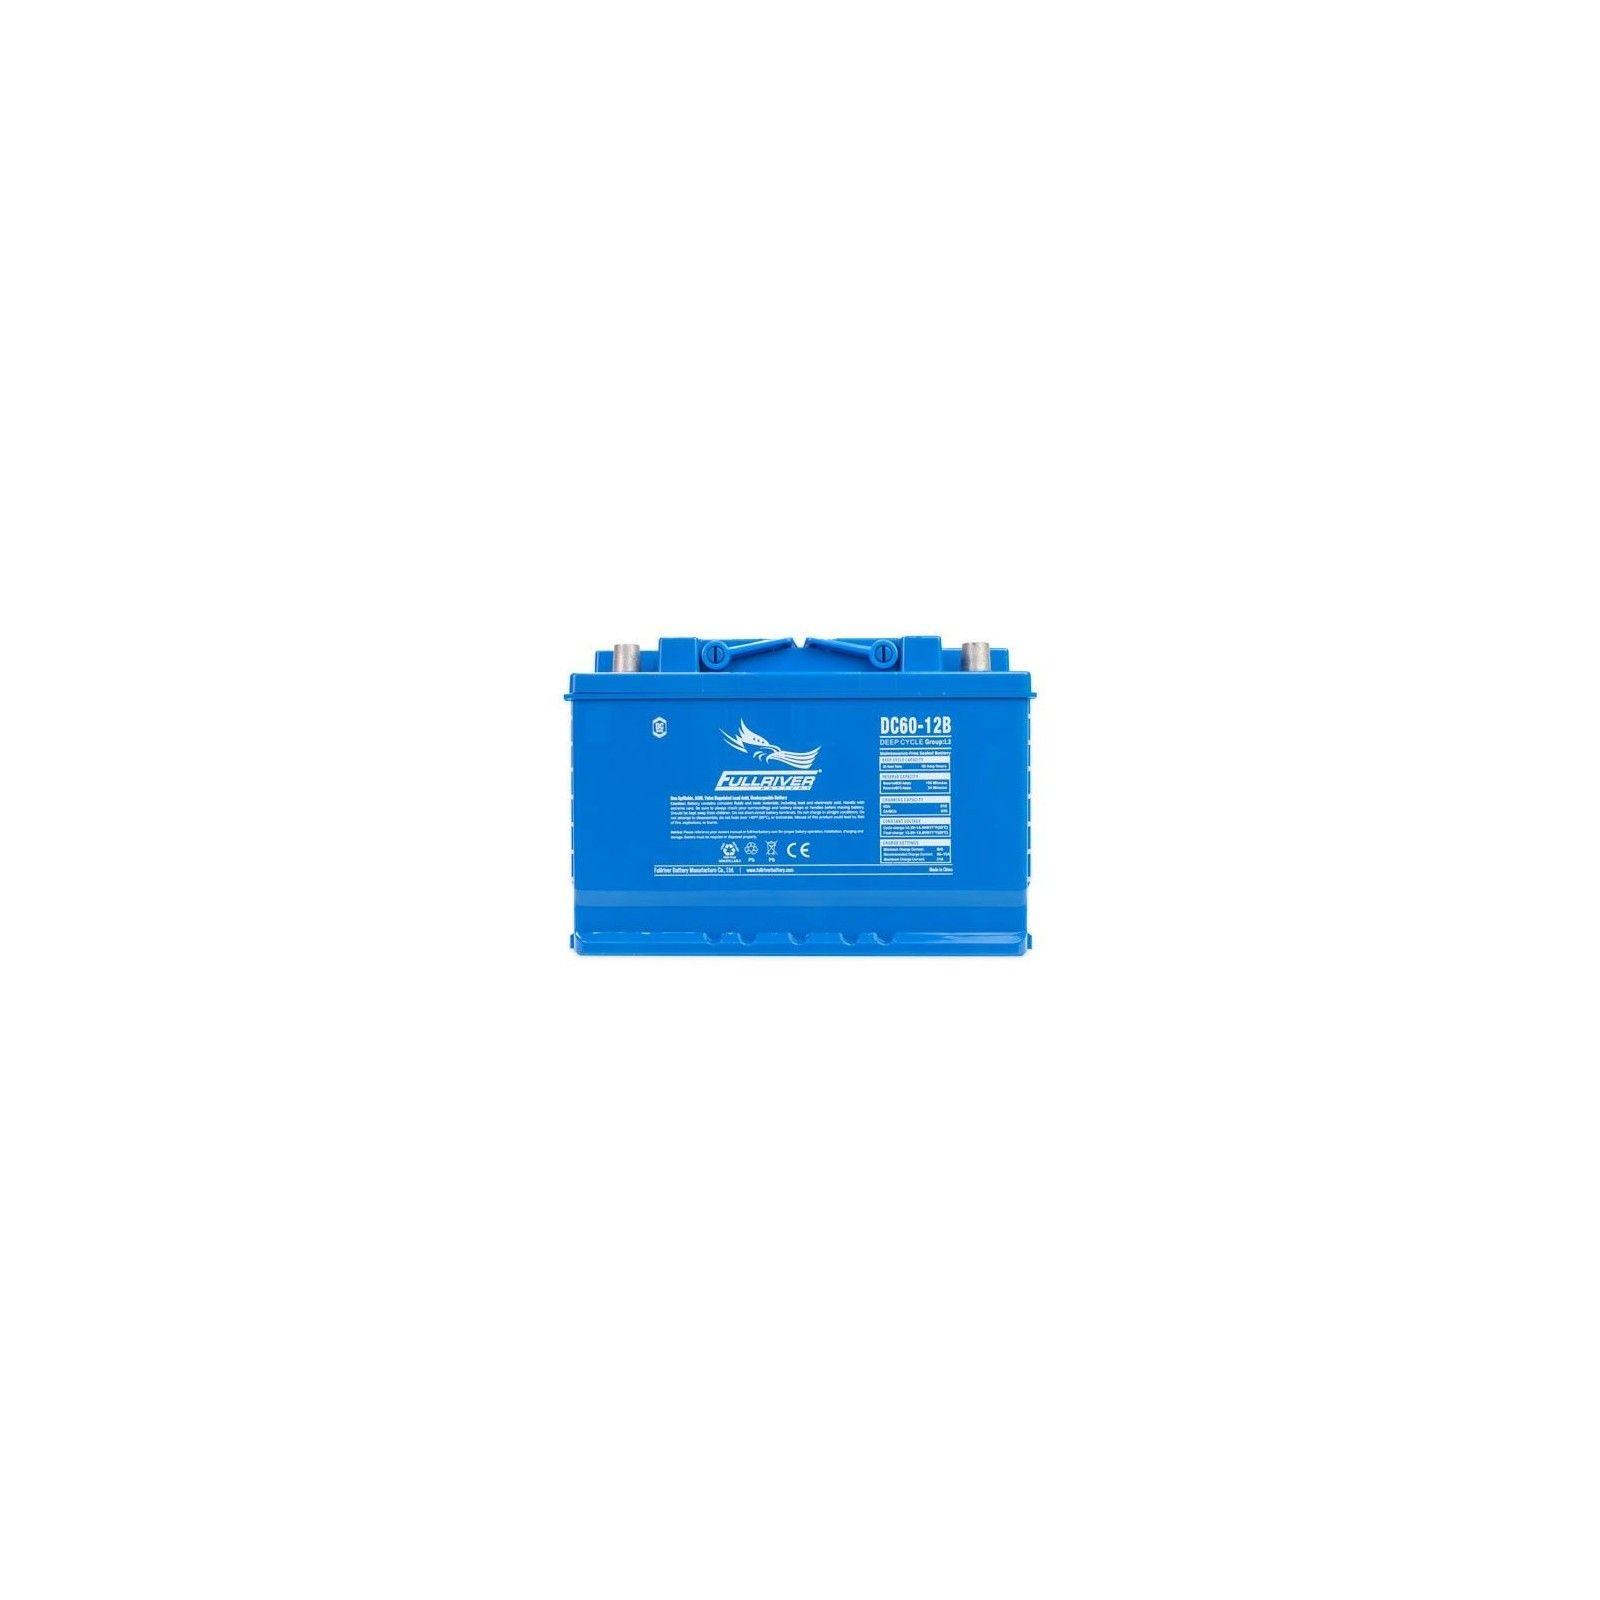 Batería Fullriver DC60-12B 60Ah 510A 12V Dc FULLRIVER - 1